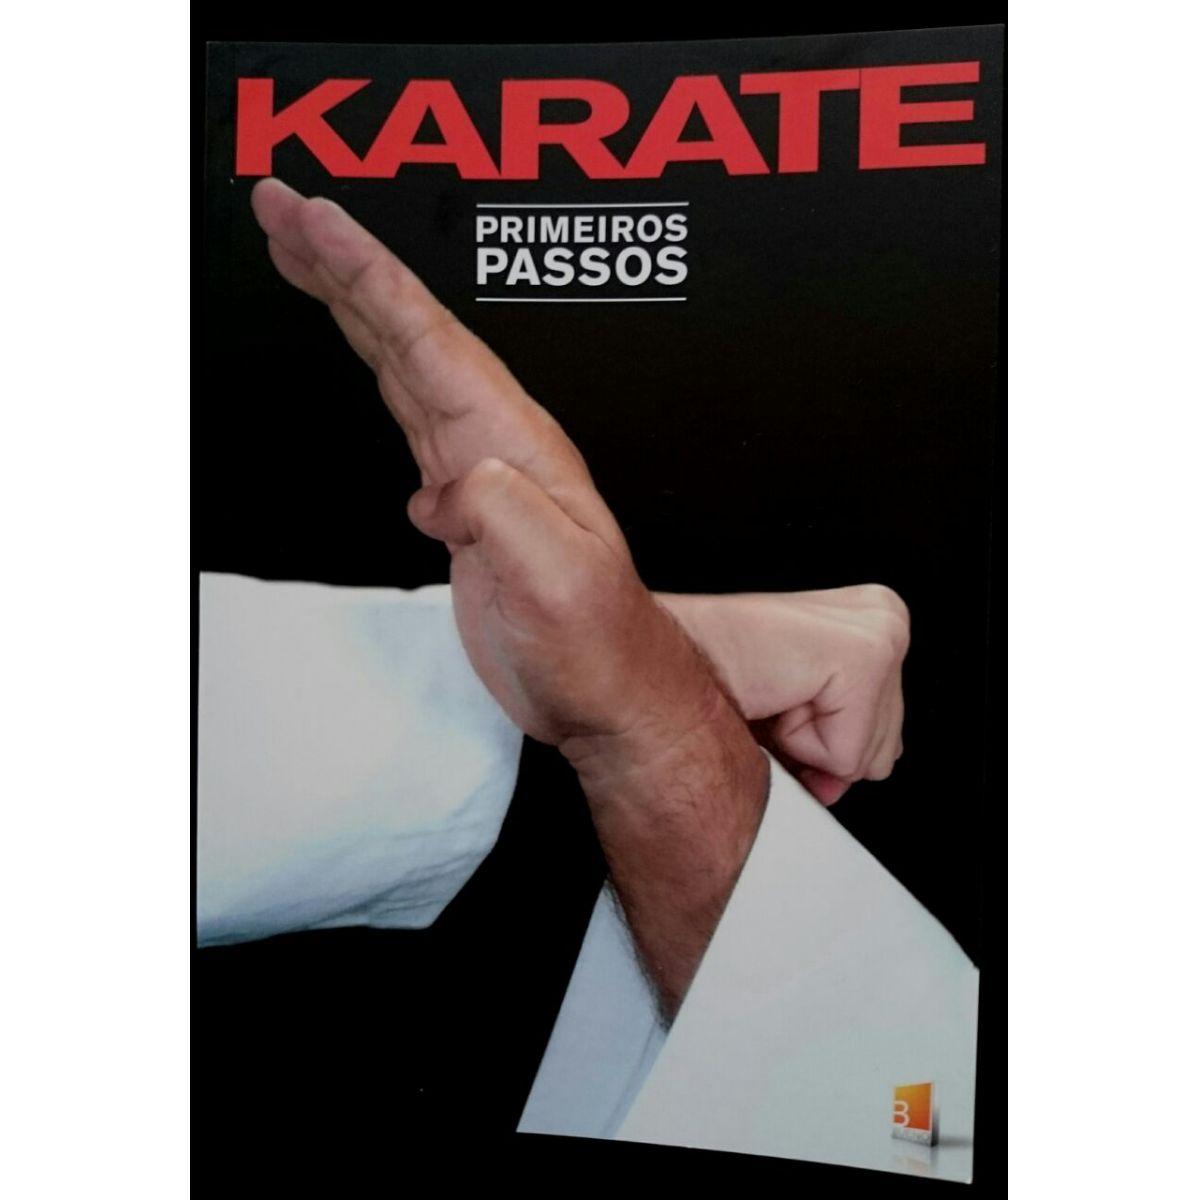 Livro Karate primeiros passos